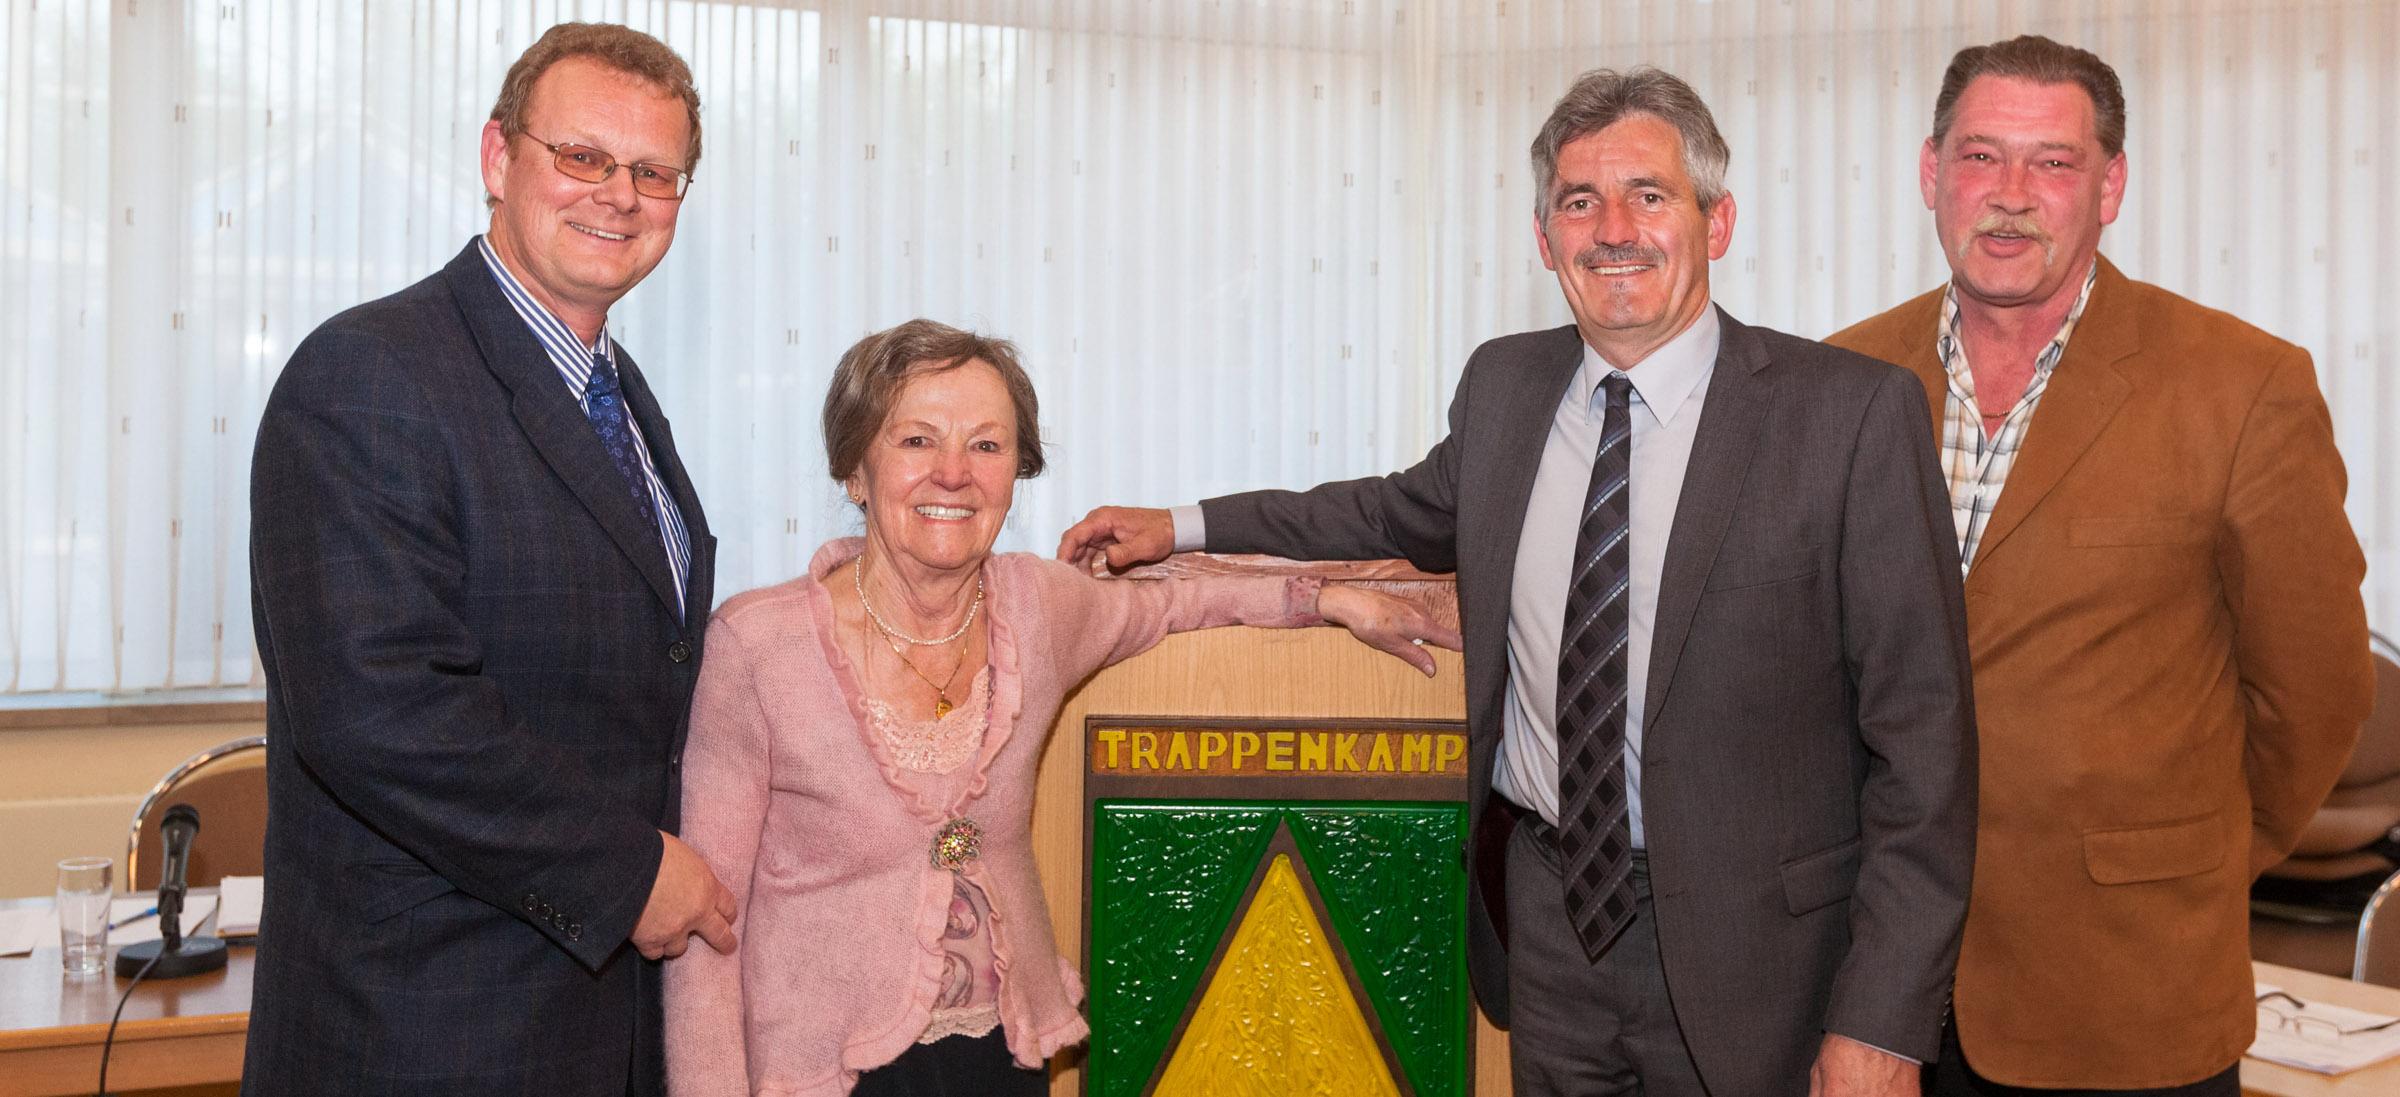 Trappenkamp hofft auf schwarze Null im Haushalt. Außerdem will die Gemeinde eine Straße nach dem ehemaligen Getränkeunternehmer Rudolf Ducke benennen.